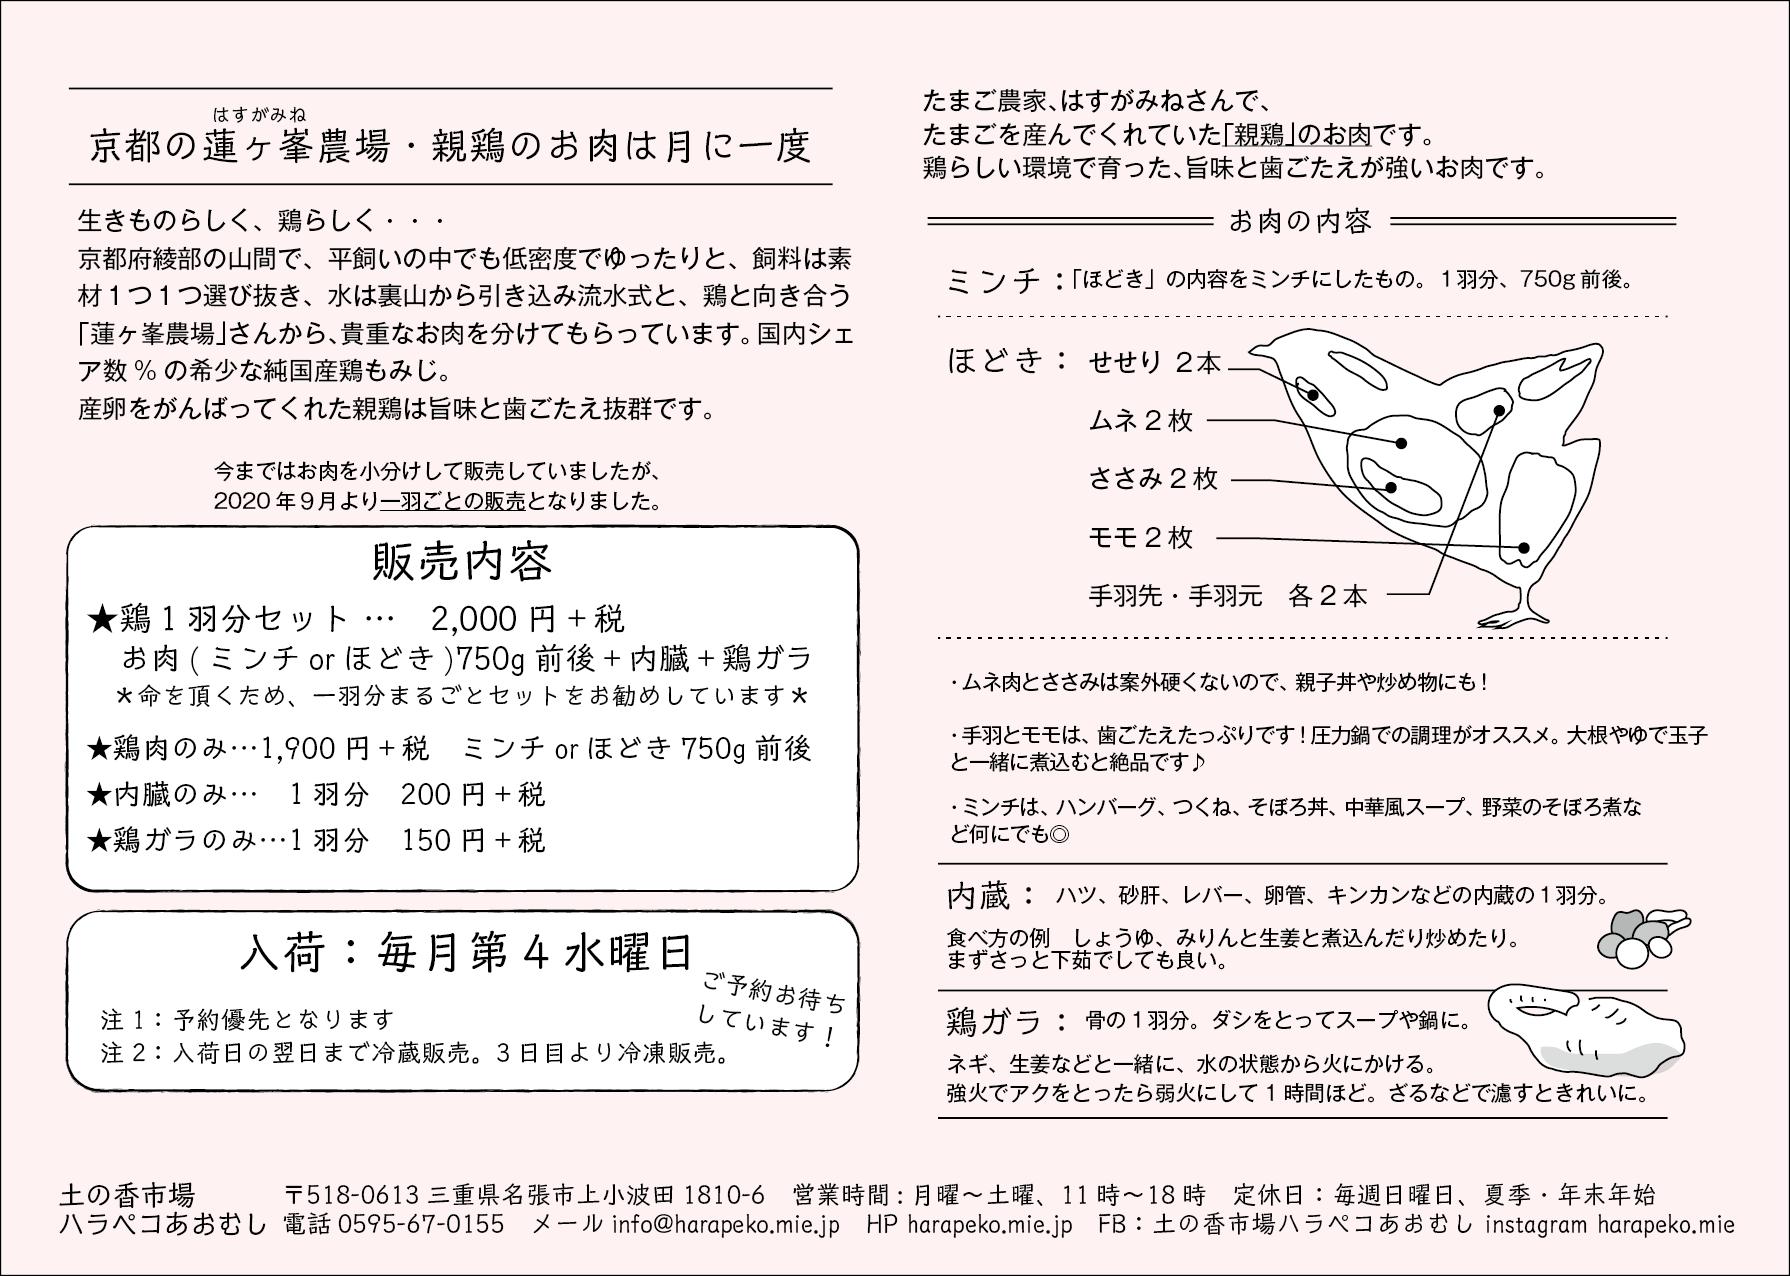 ハラペコ_蓮ヶ峯農場の親鶏お肉紹介ペーパー_cl_アートボード 1